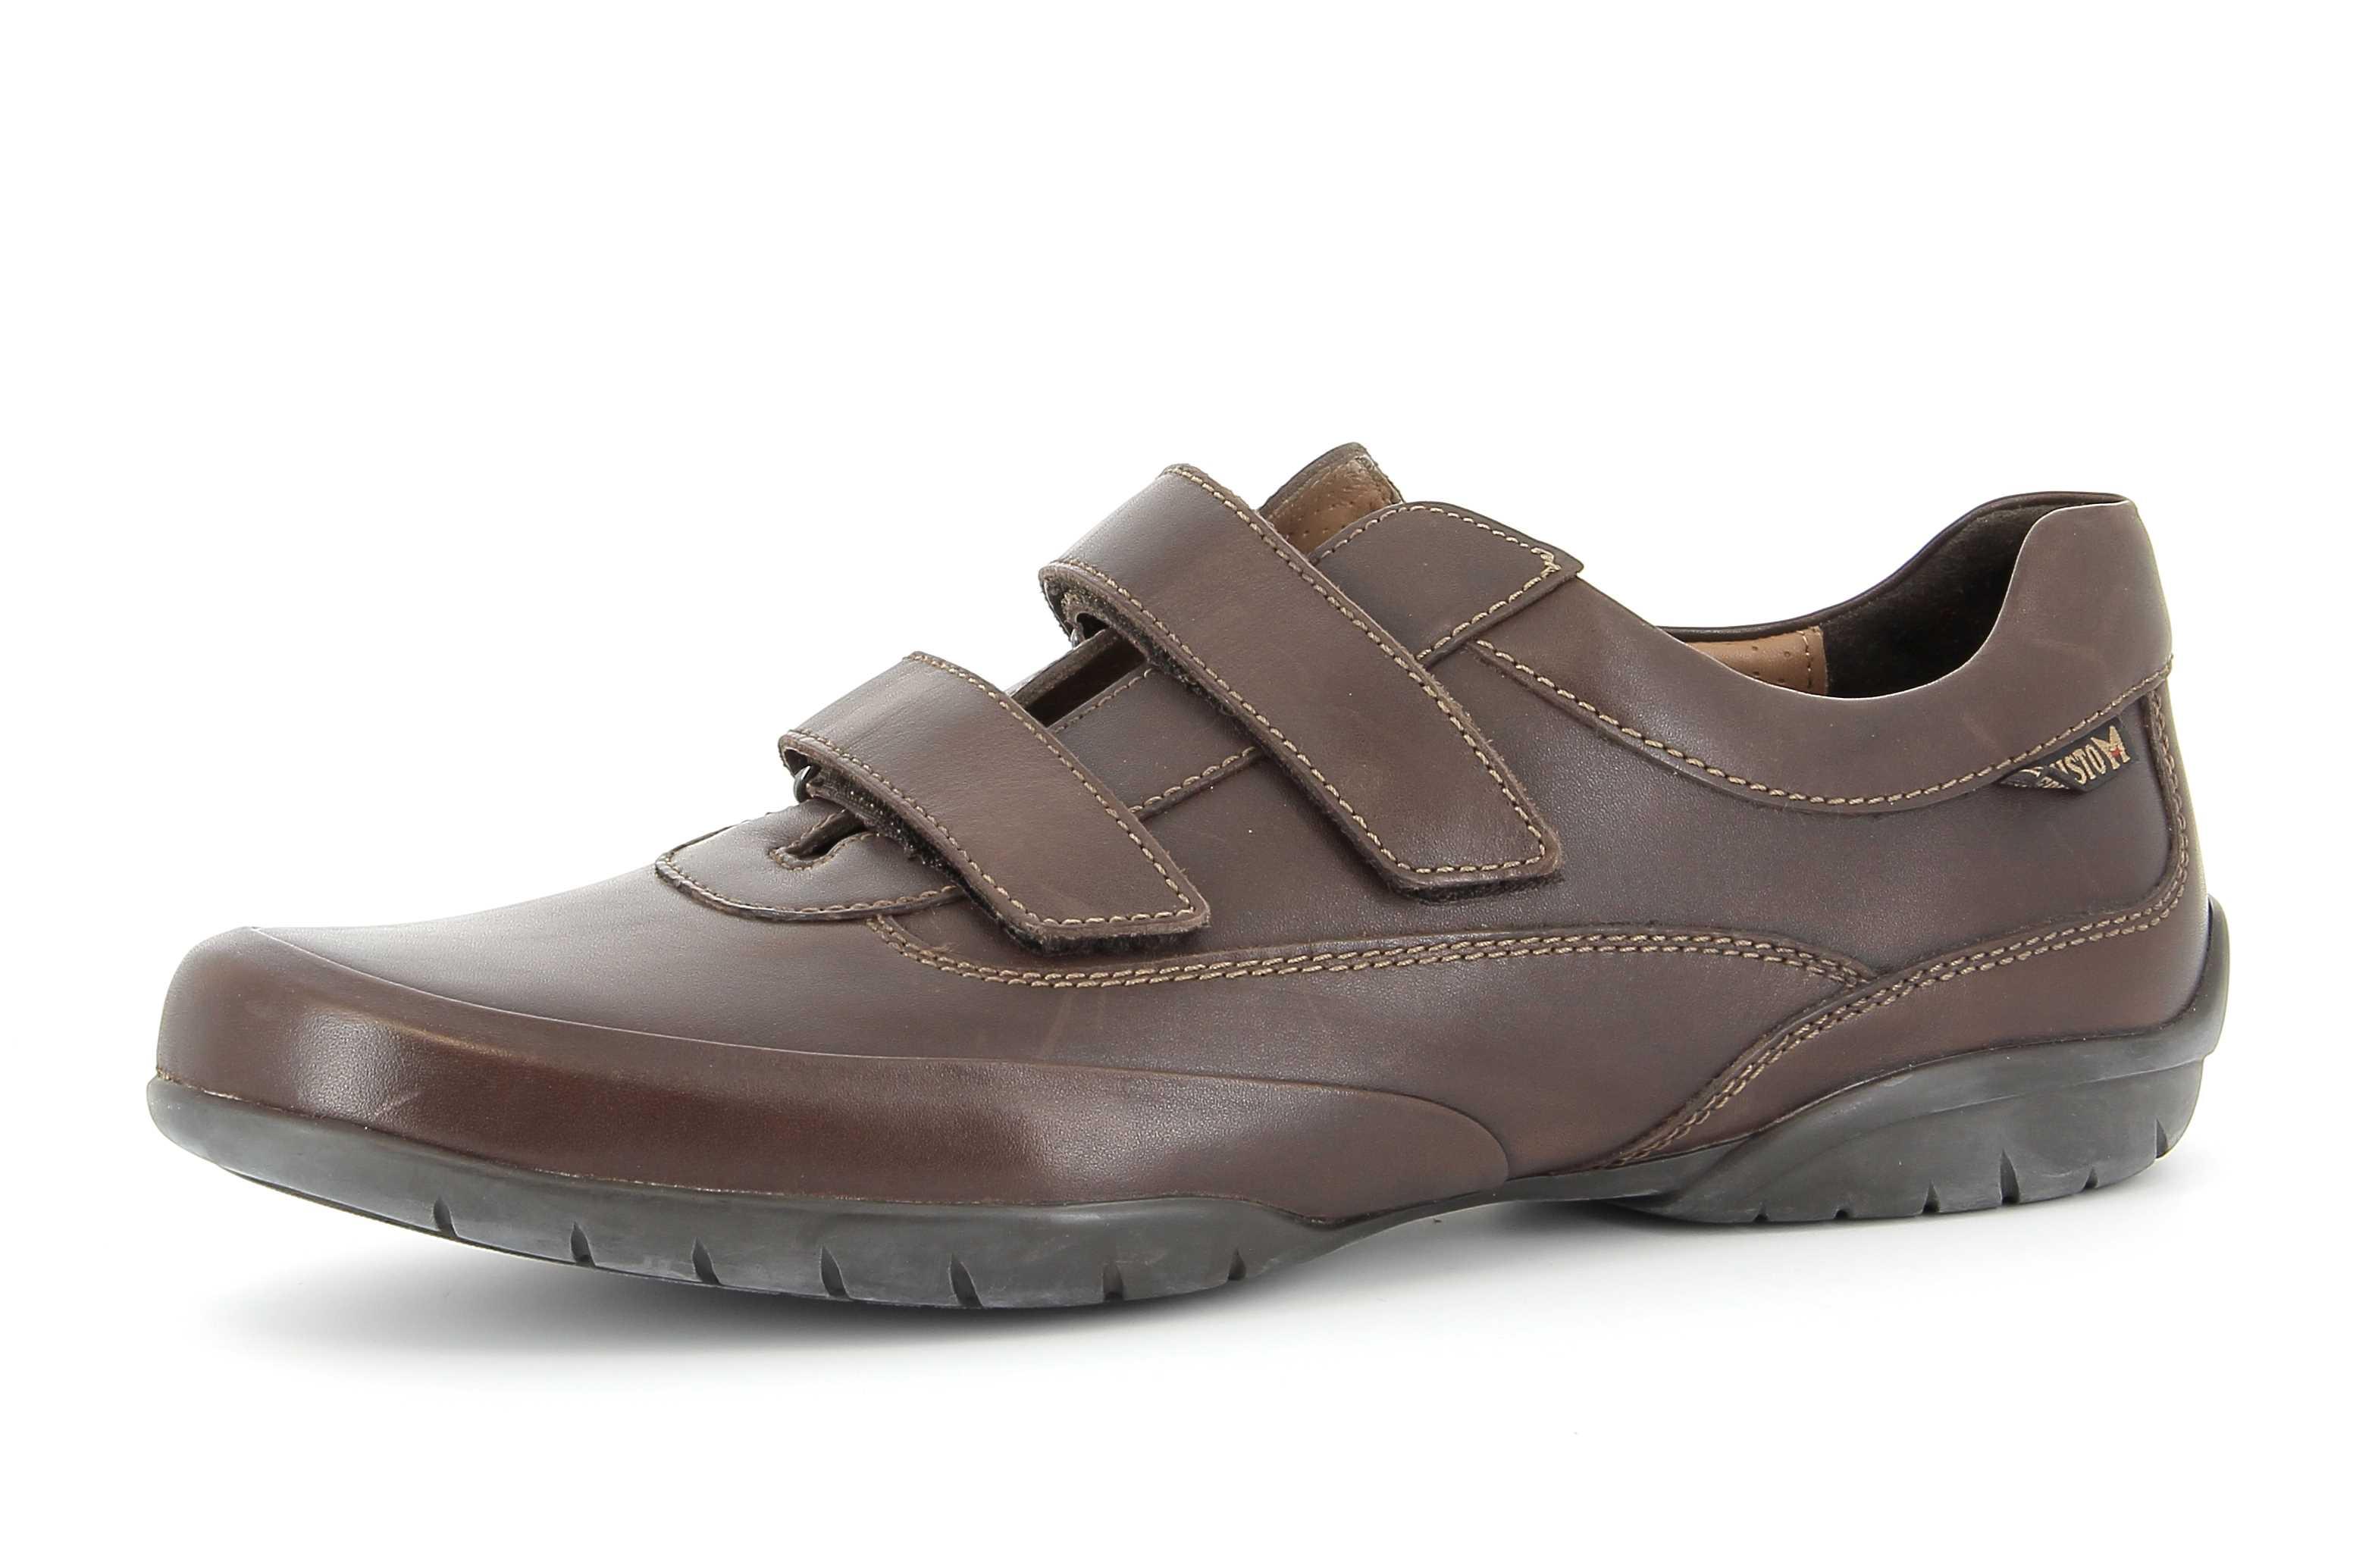 chaussures Mephisto d'exception homme Shop scratch 354qcRjLA